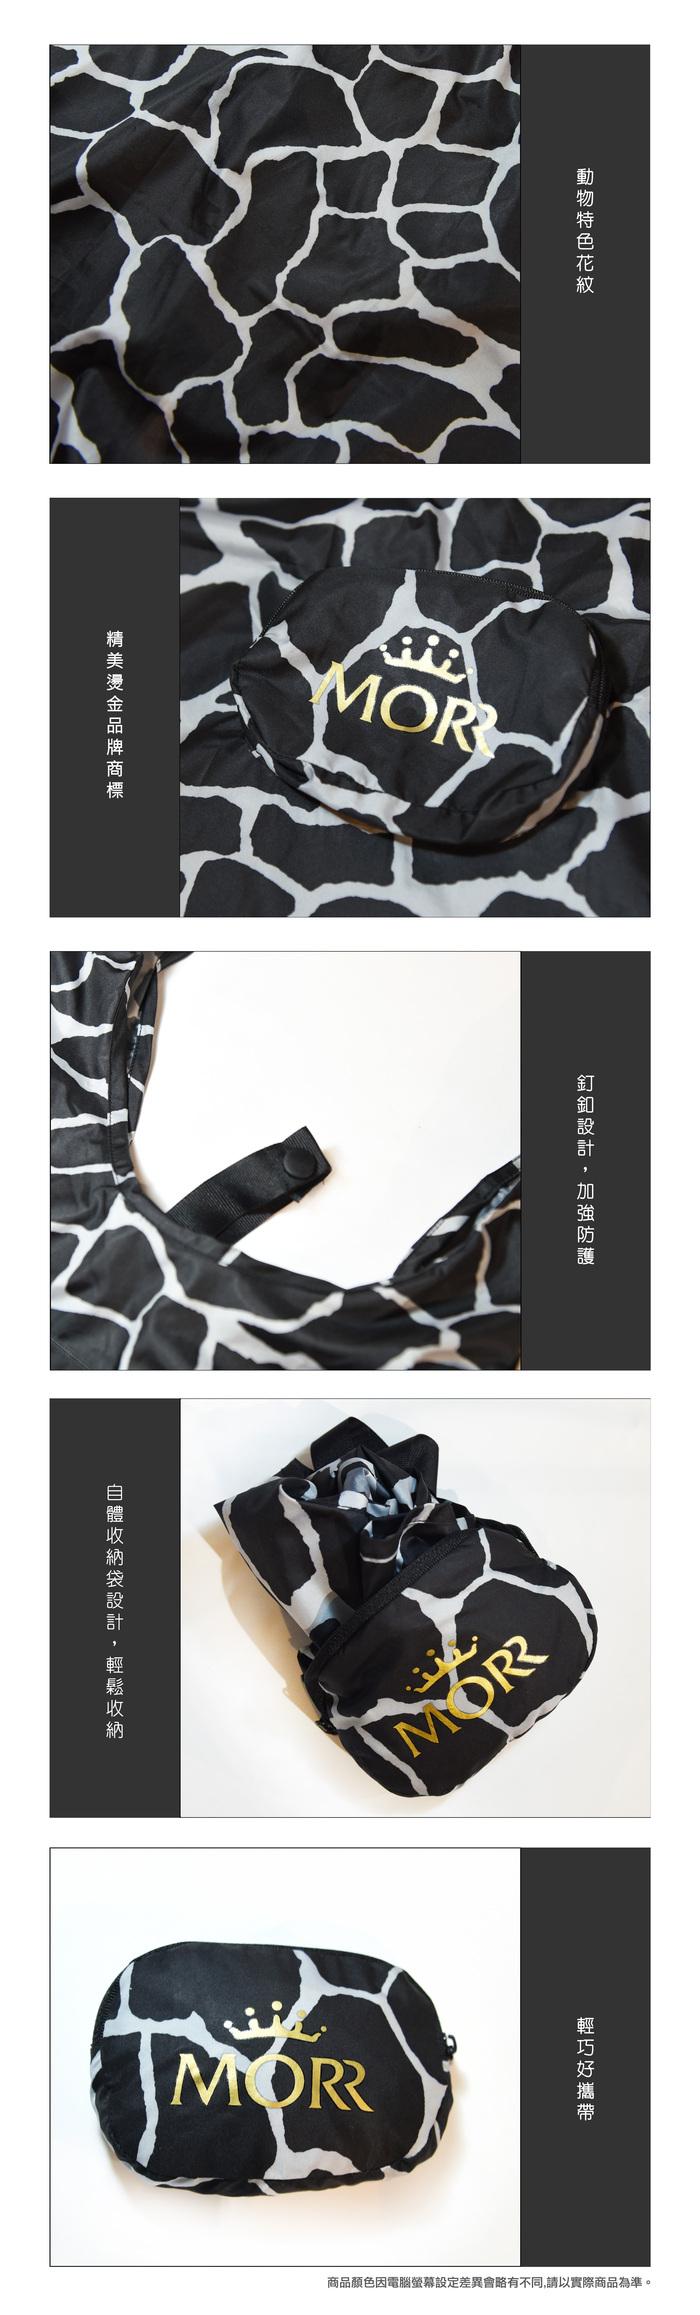 (複製)MORR|動物派對-防撥水收納購物袋(斑馬紋)